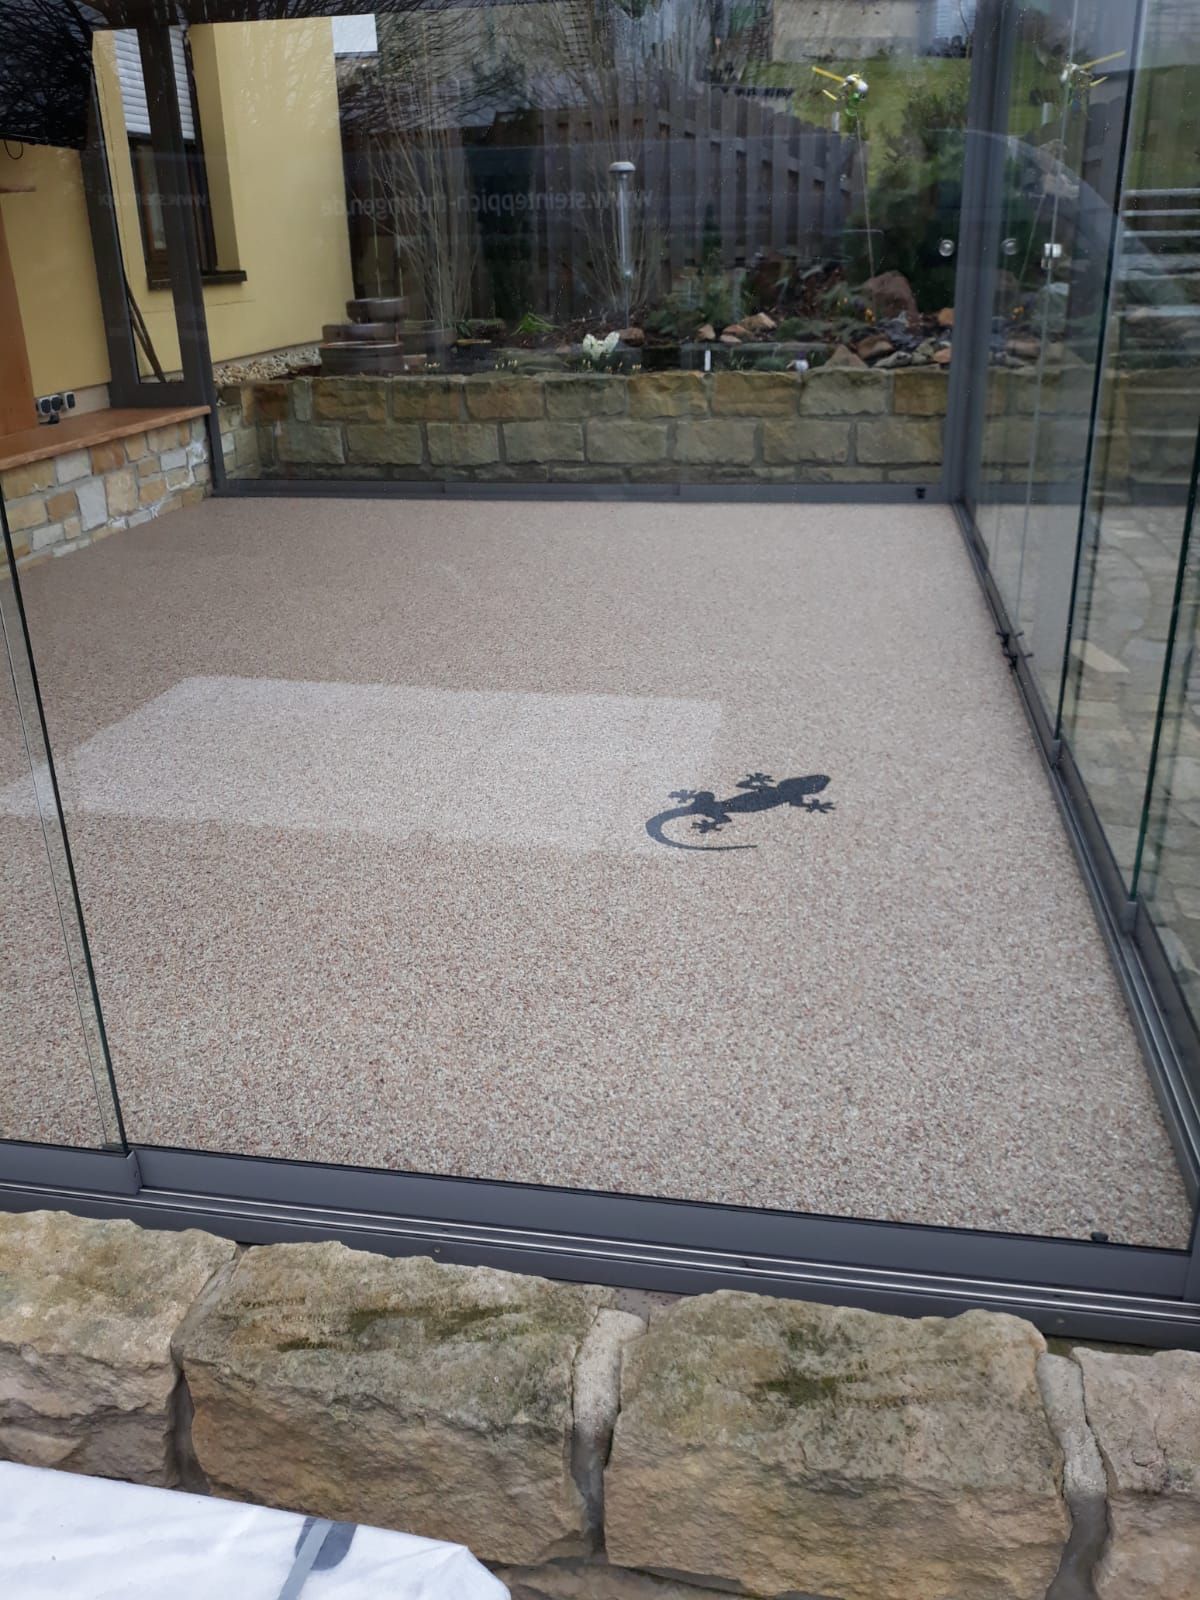 Wintergarten in arabescato Steinteppich und Geccko